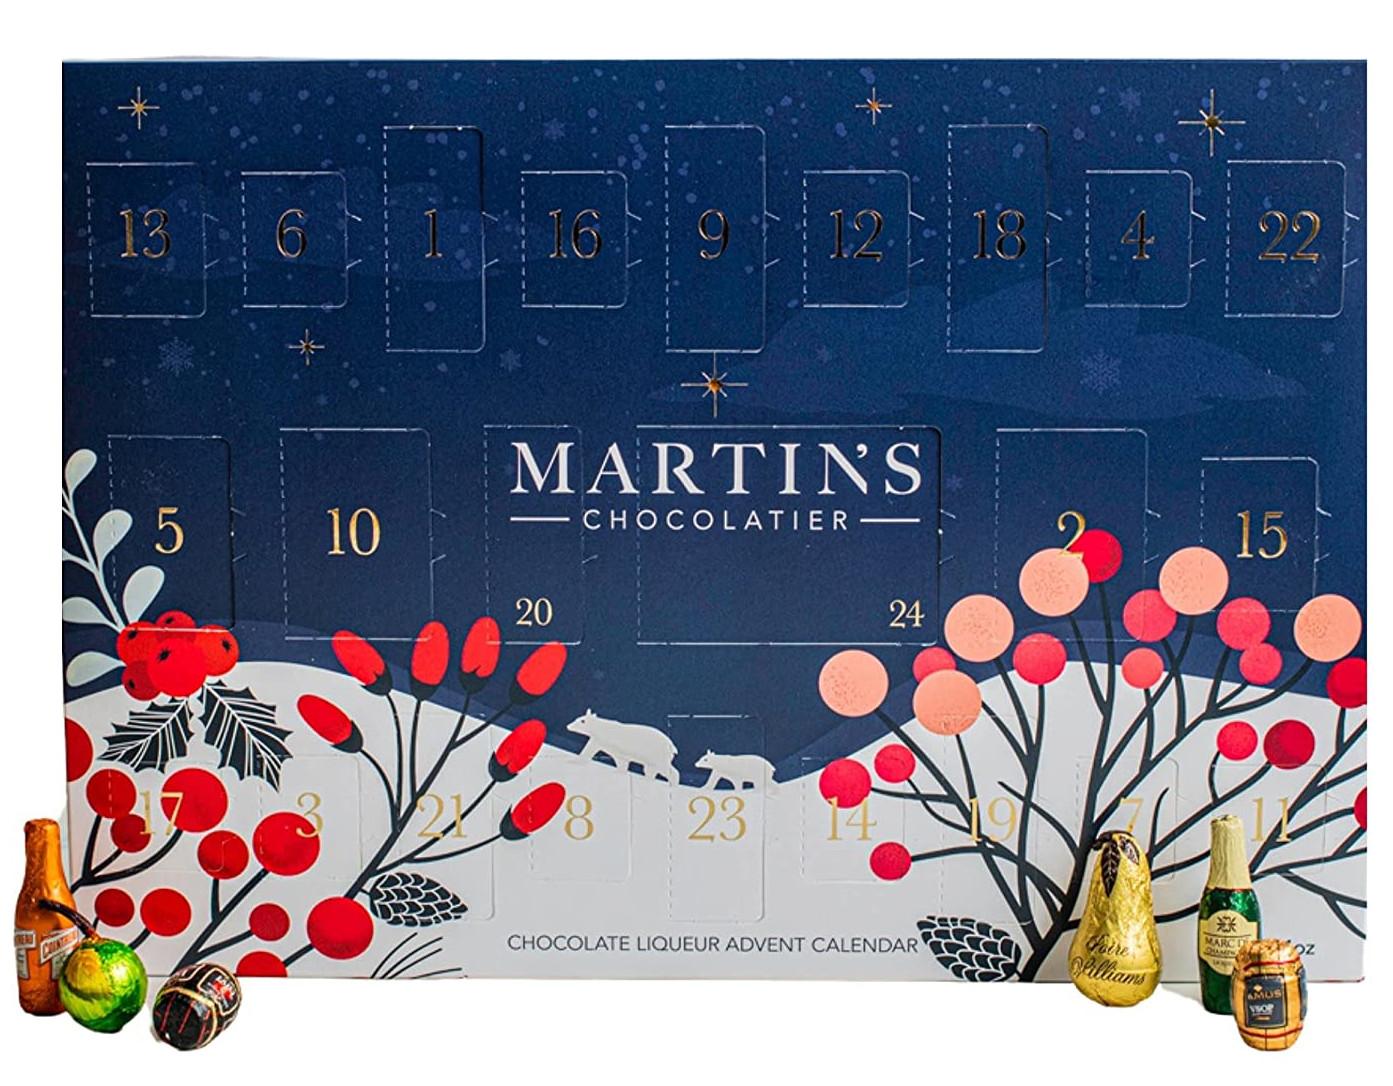 Martin's Chocolatier Adventskalender